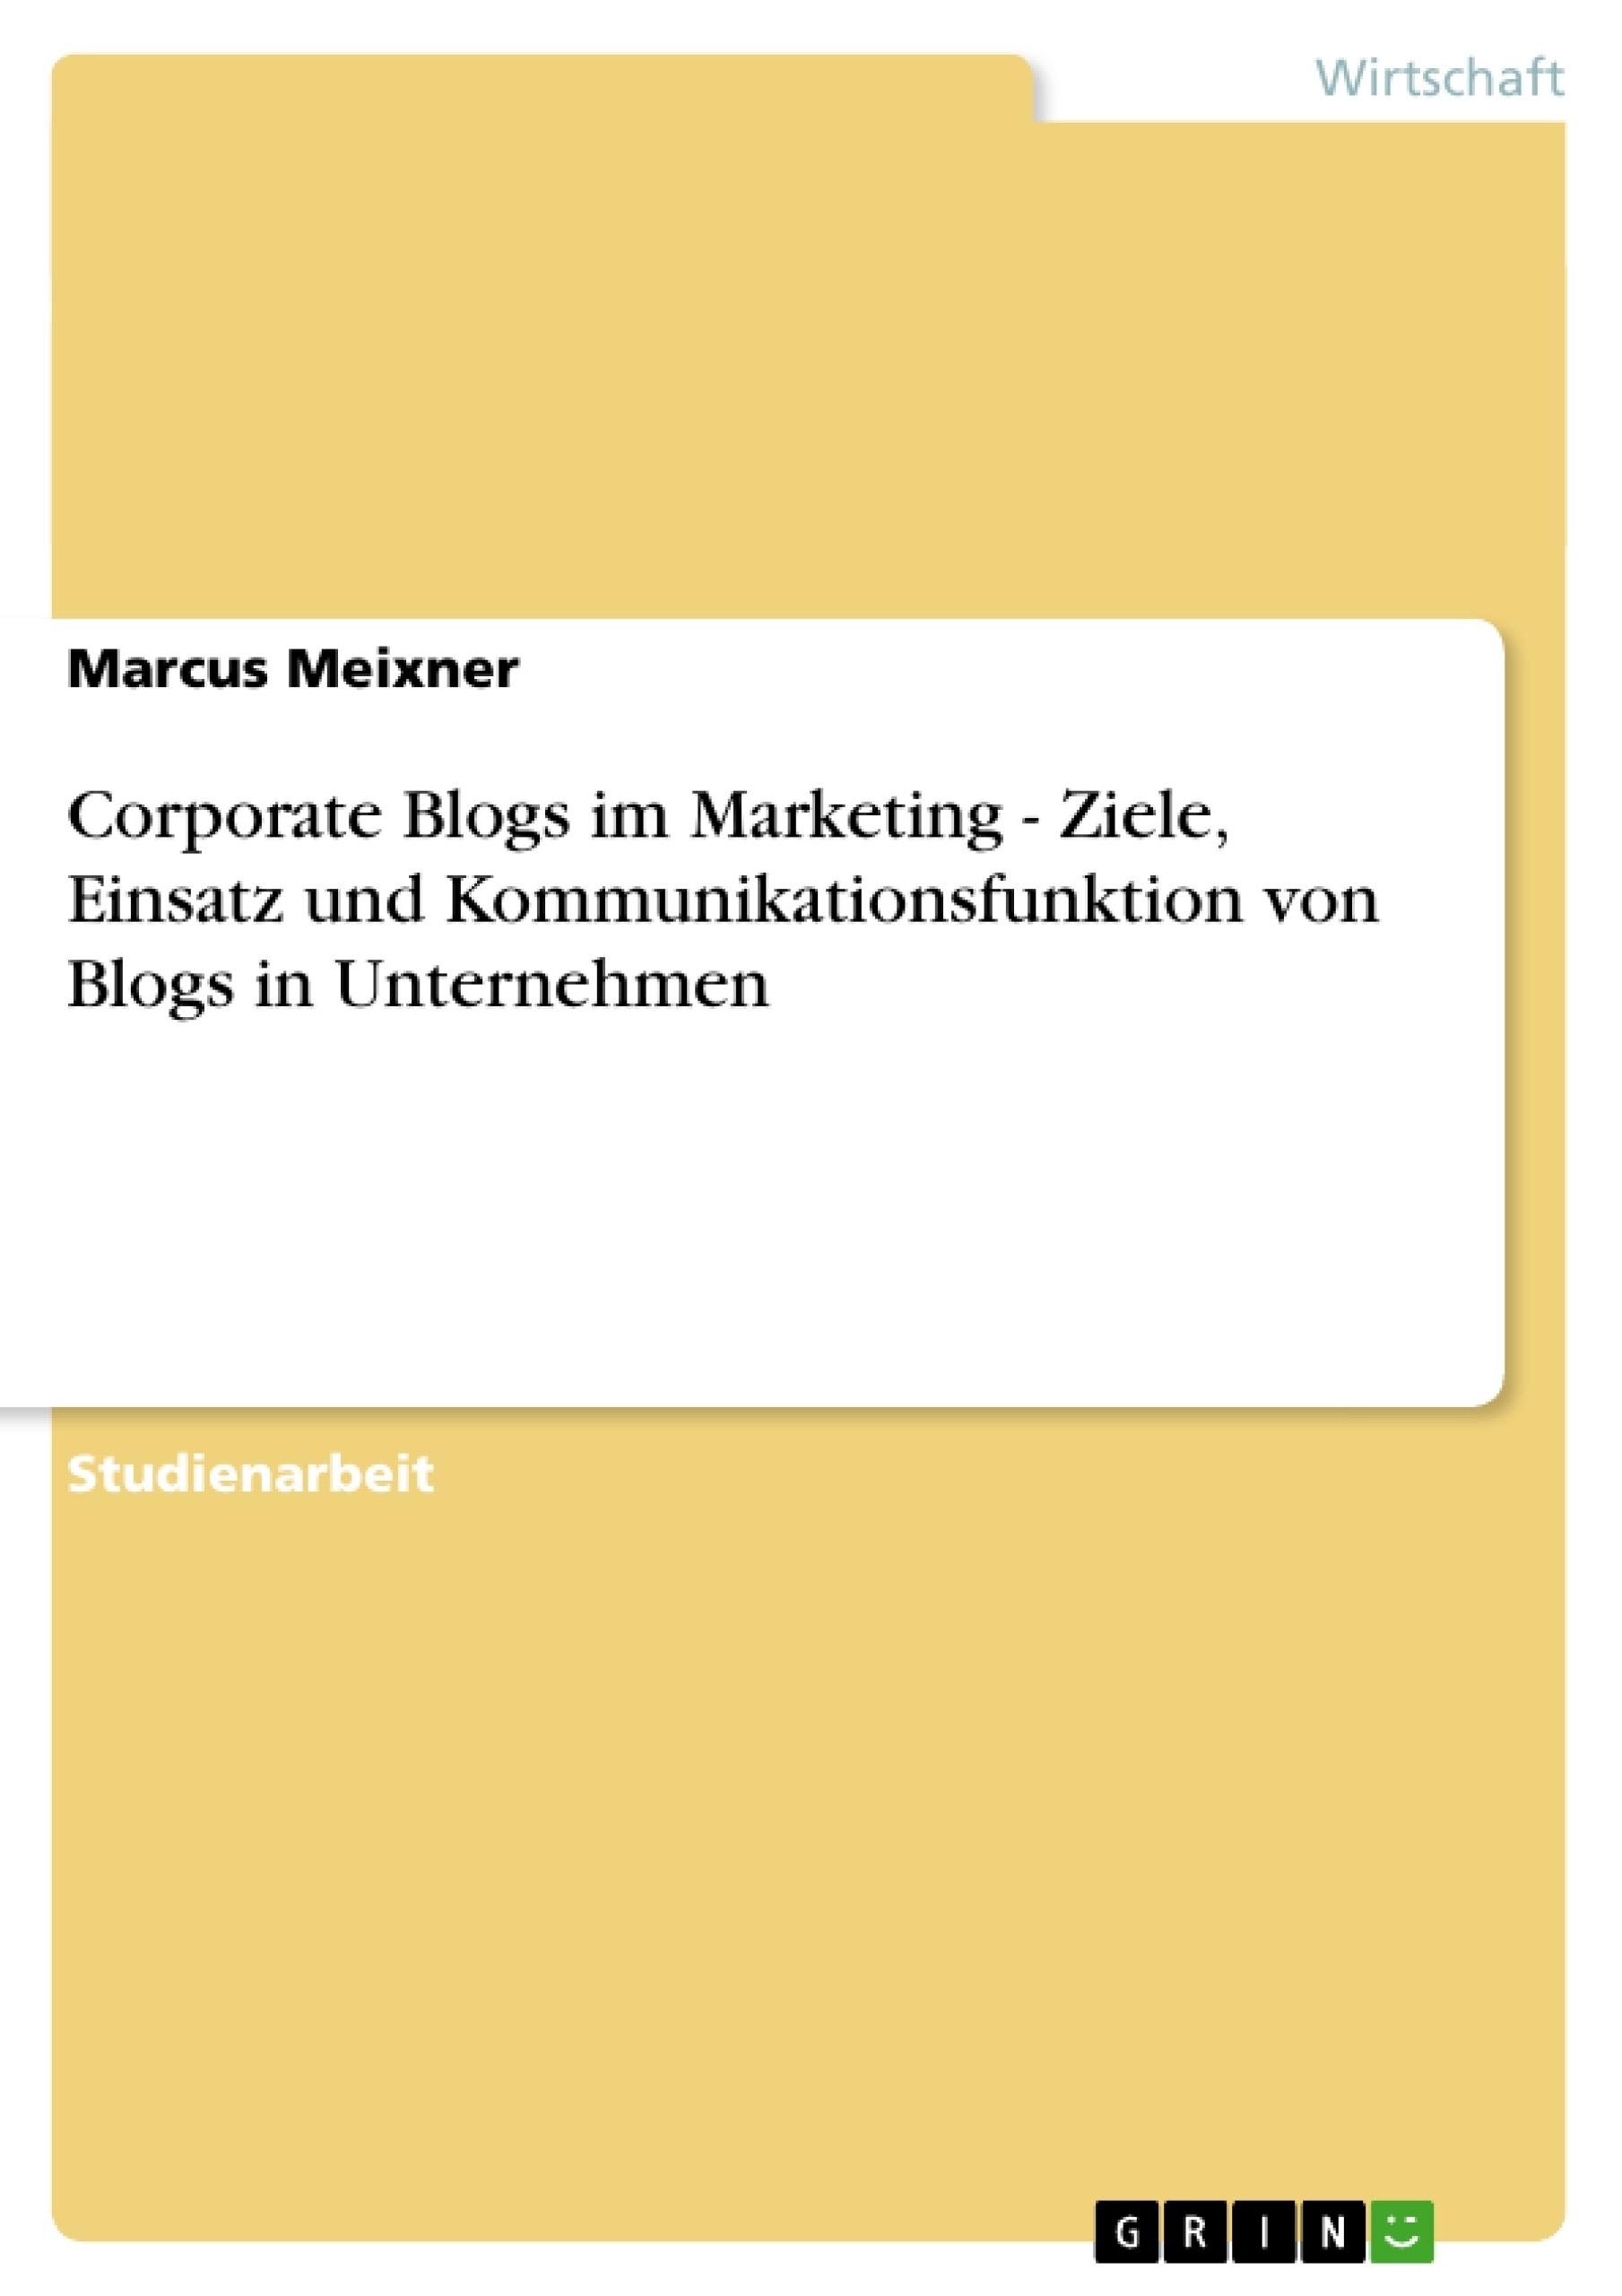 Titel: Corporate Blogs im Marketing - Ziele, Einsatz und Kommunikationsfunktion von Blogs in Unternehmen